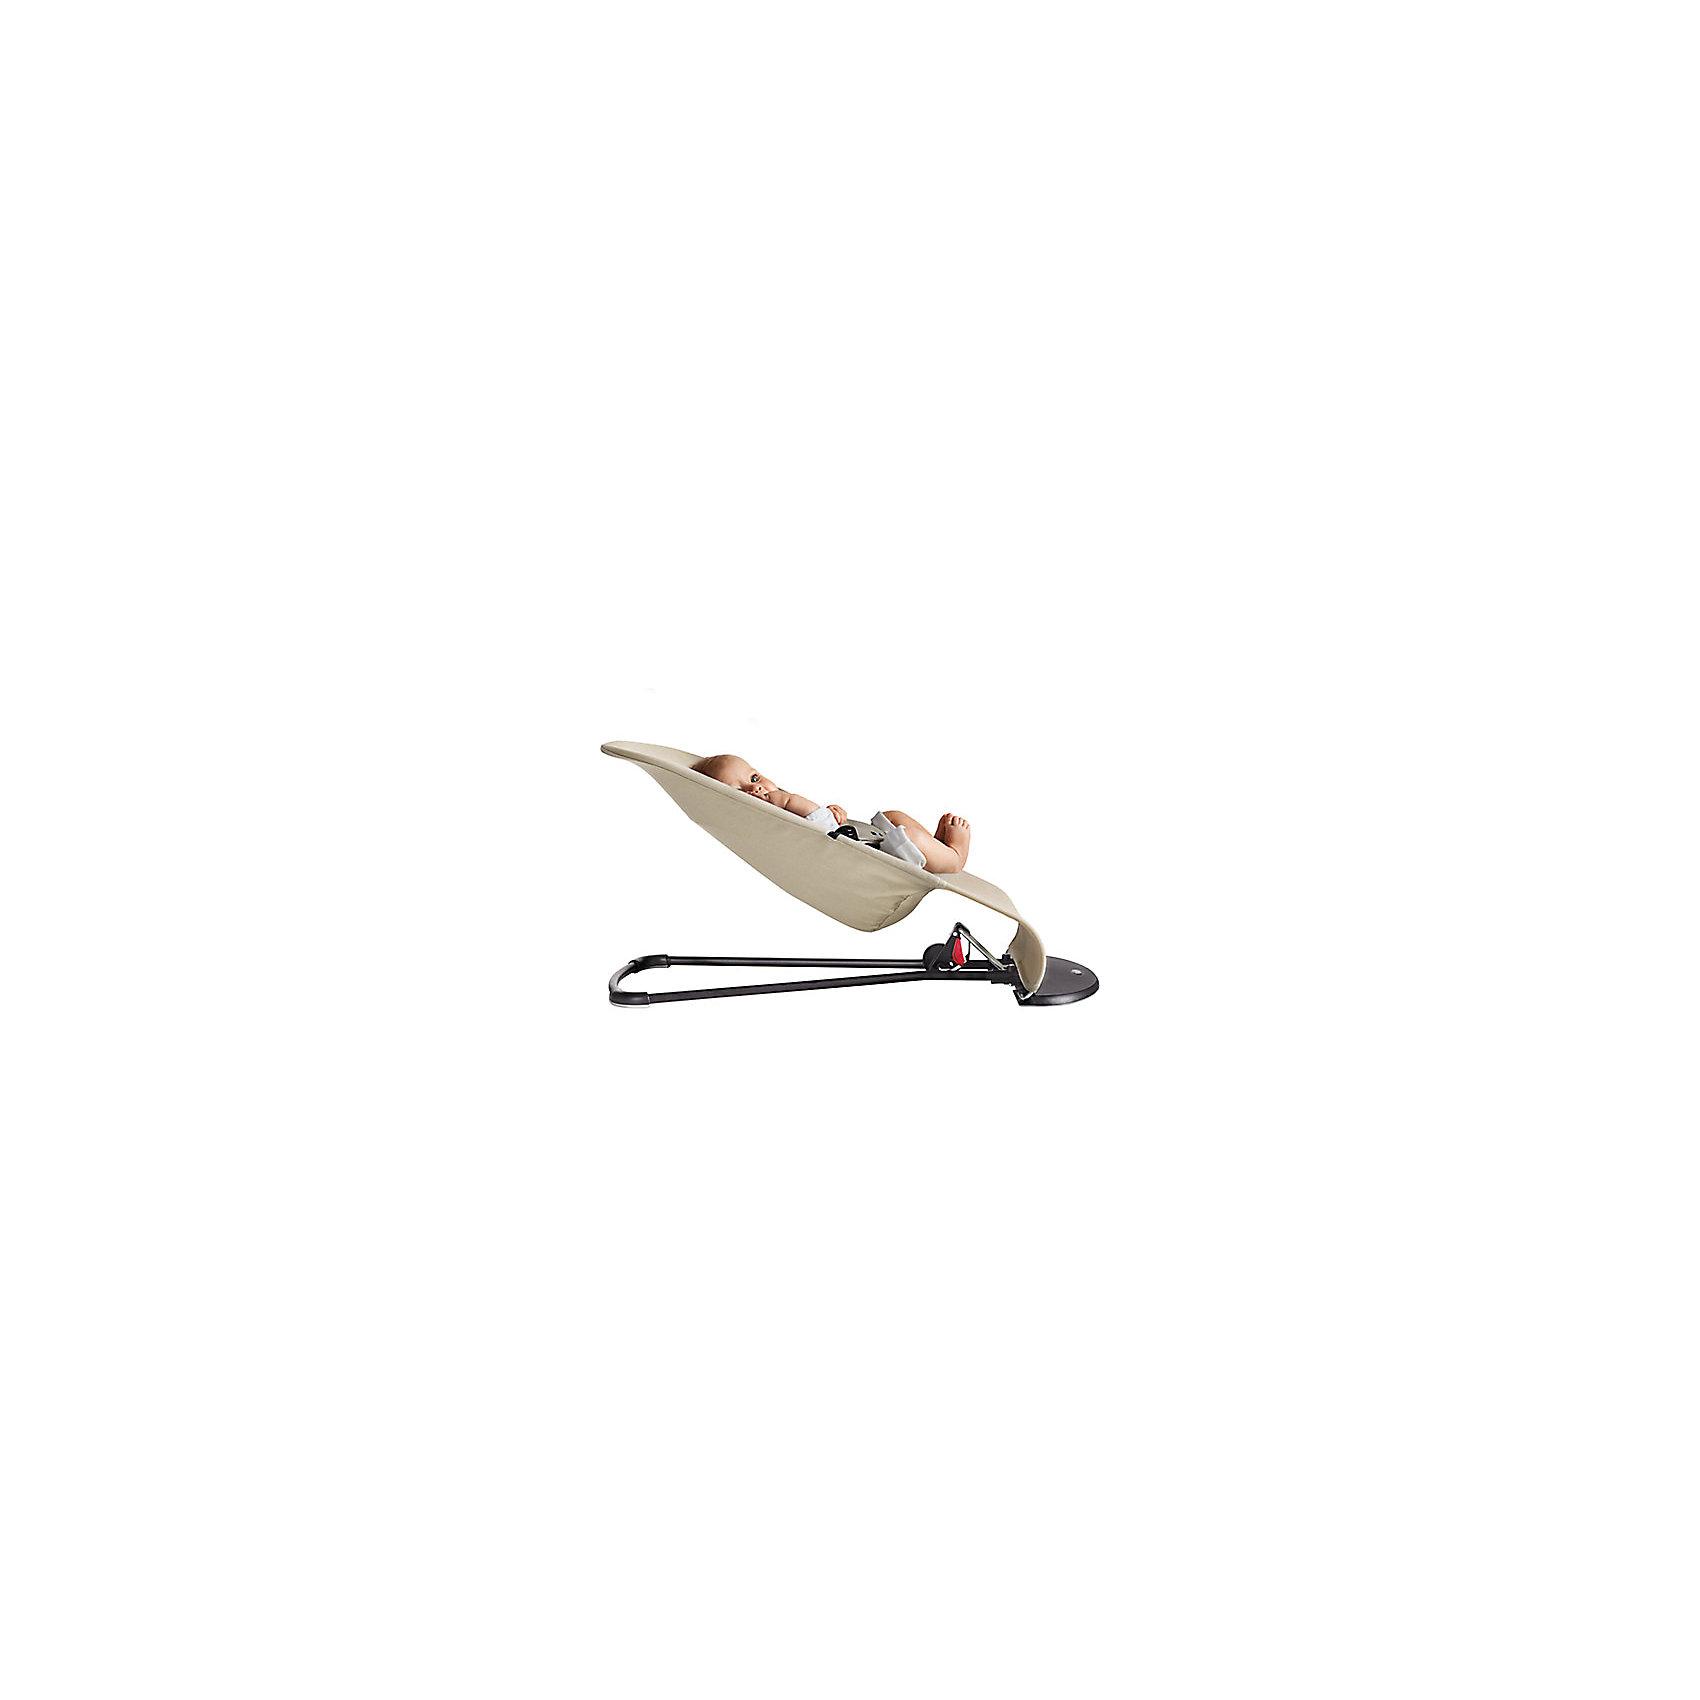 Кресло-шезлонг Balance Soft + игрушка в подарок (BabyBjorn)